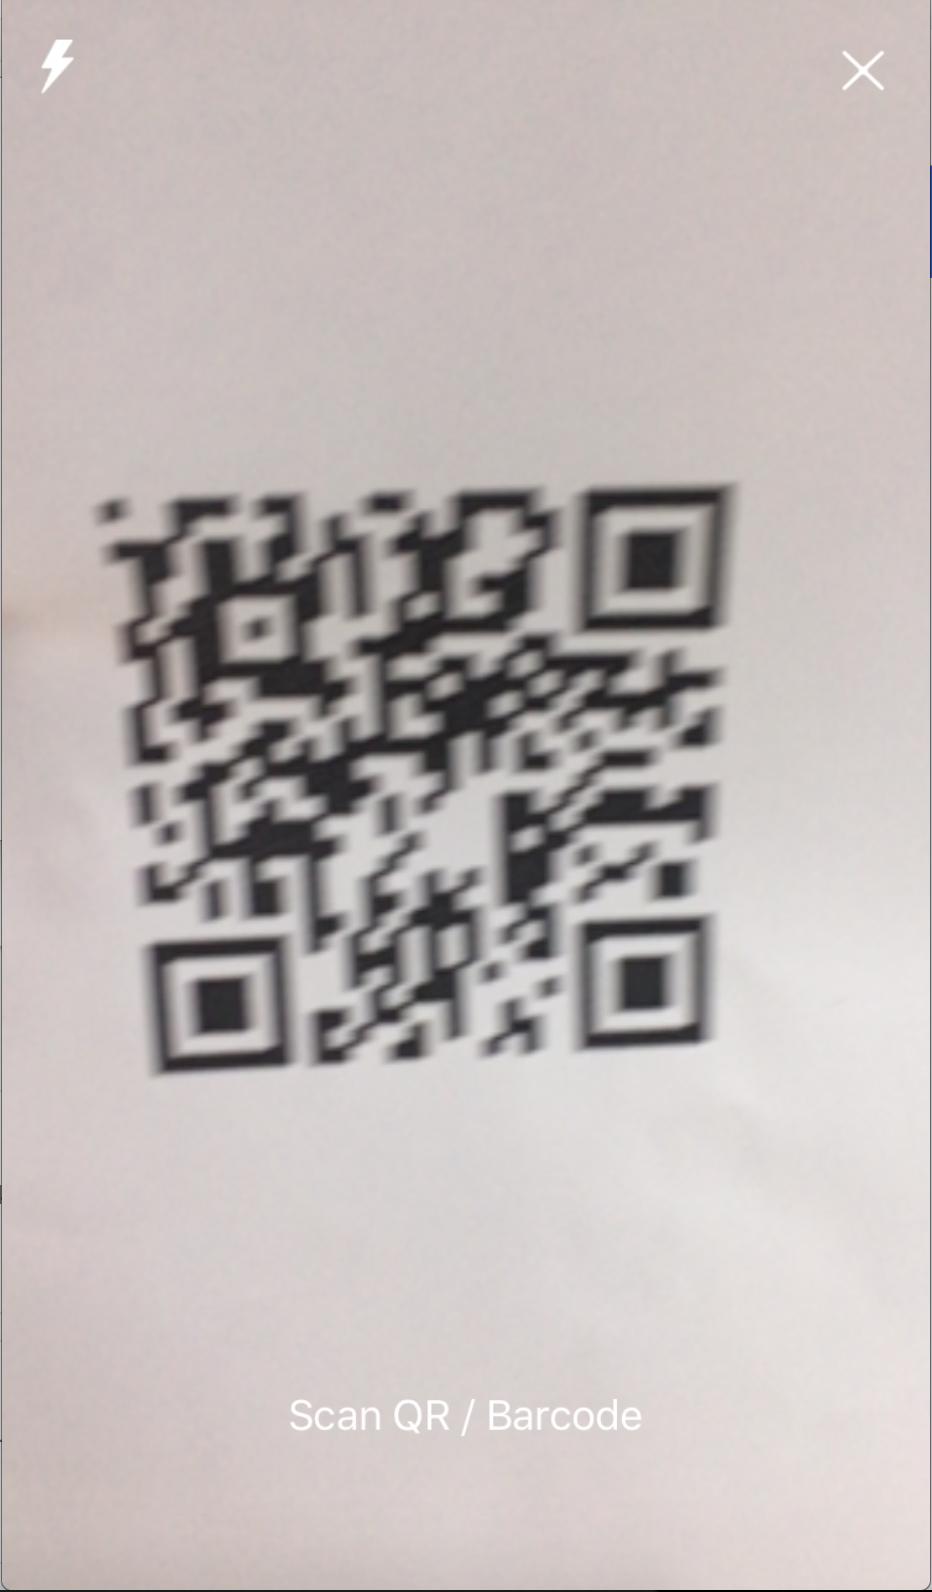 Barcode - QR Code Scanner - Screen-Thumbnail